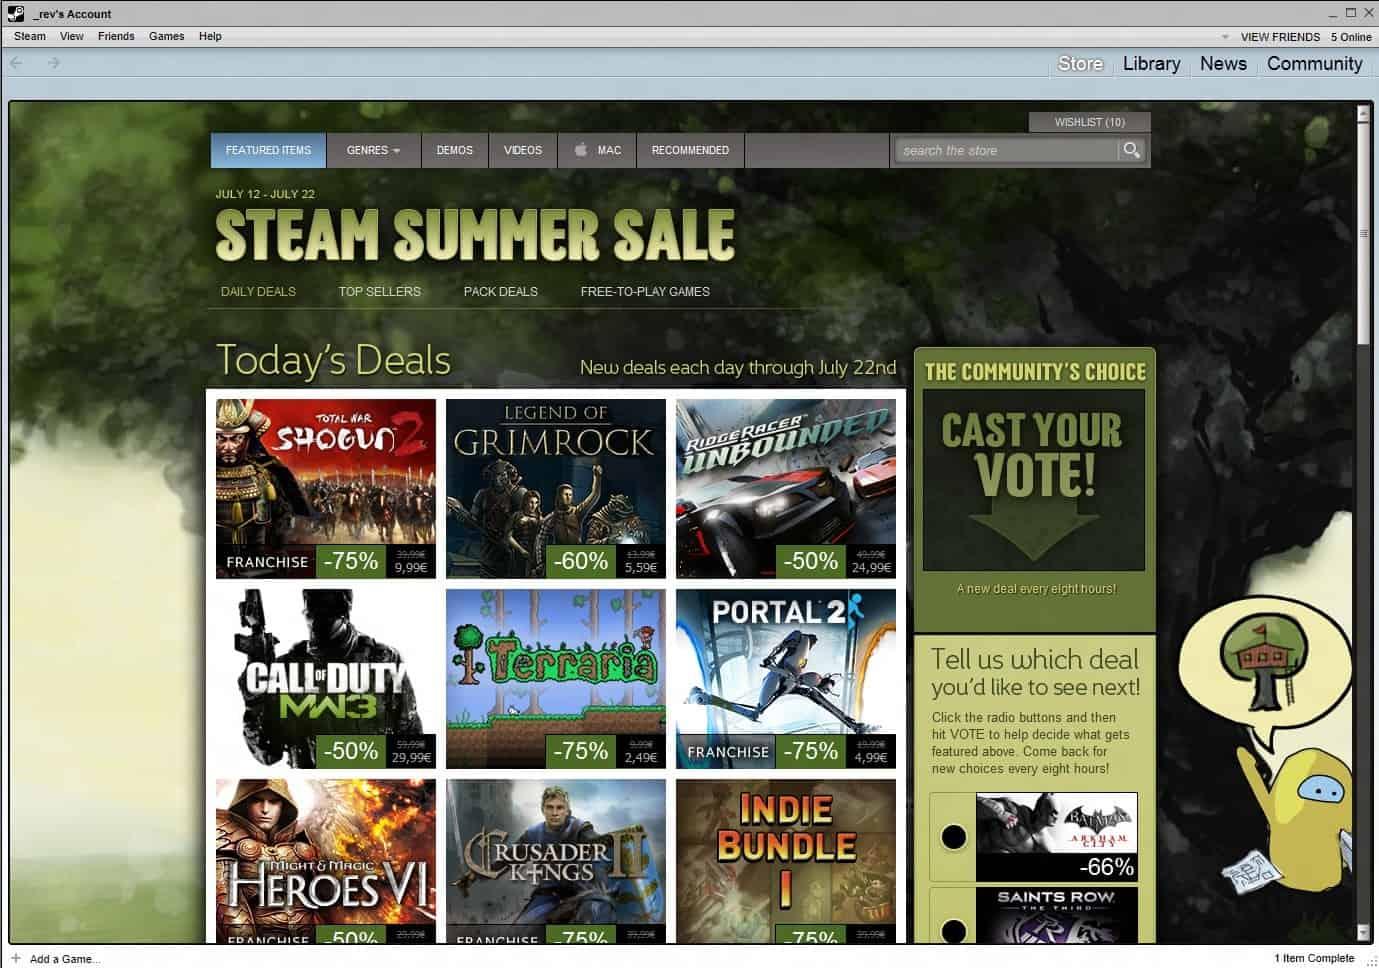 Steam Summer Sale 2017 tips